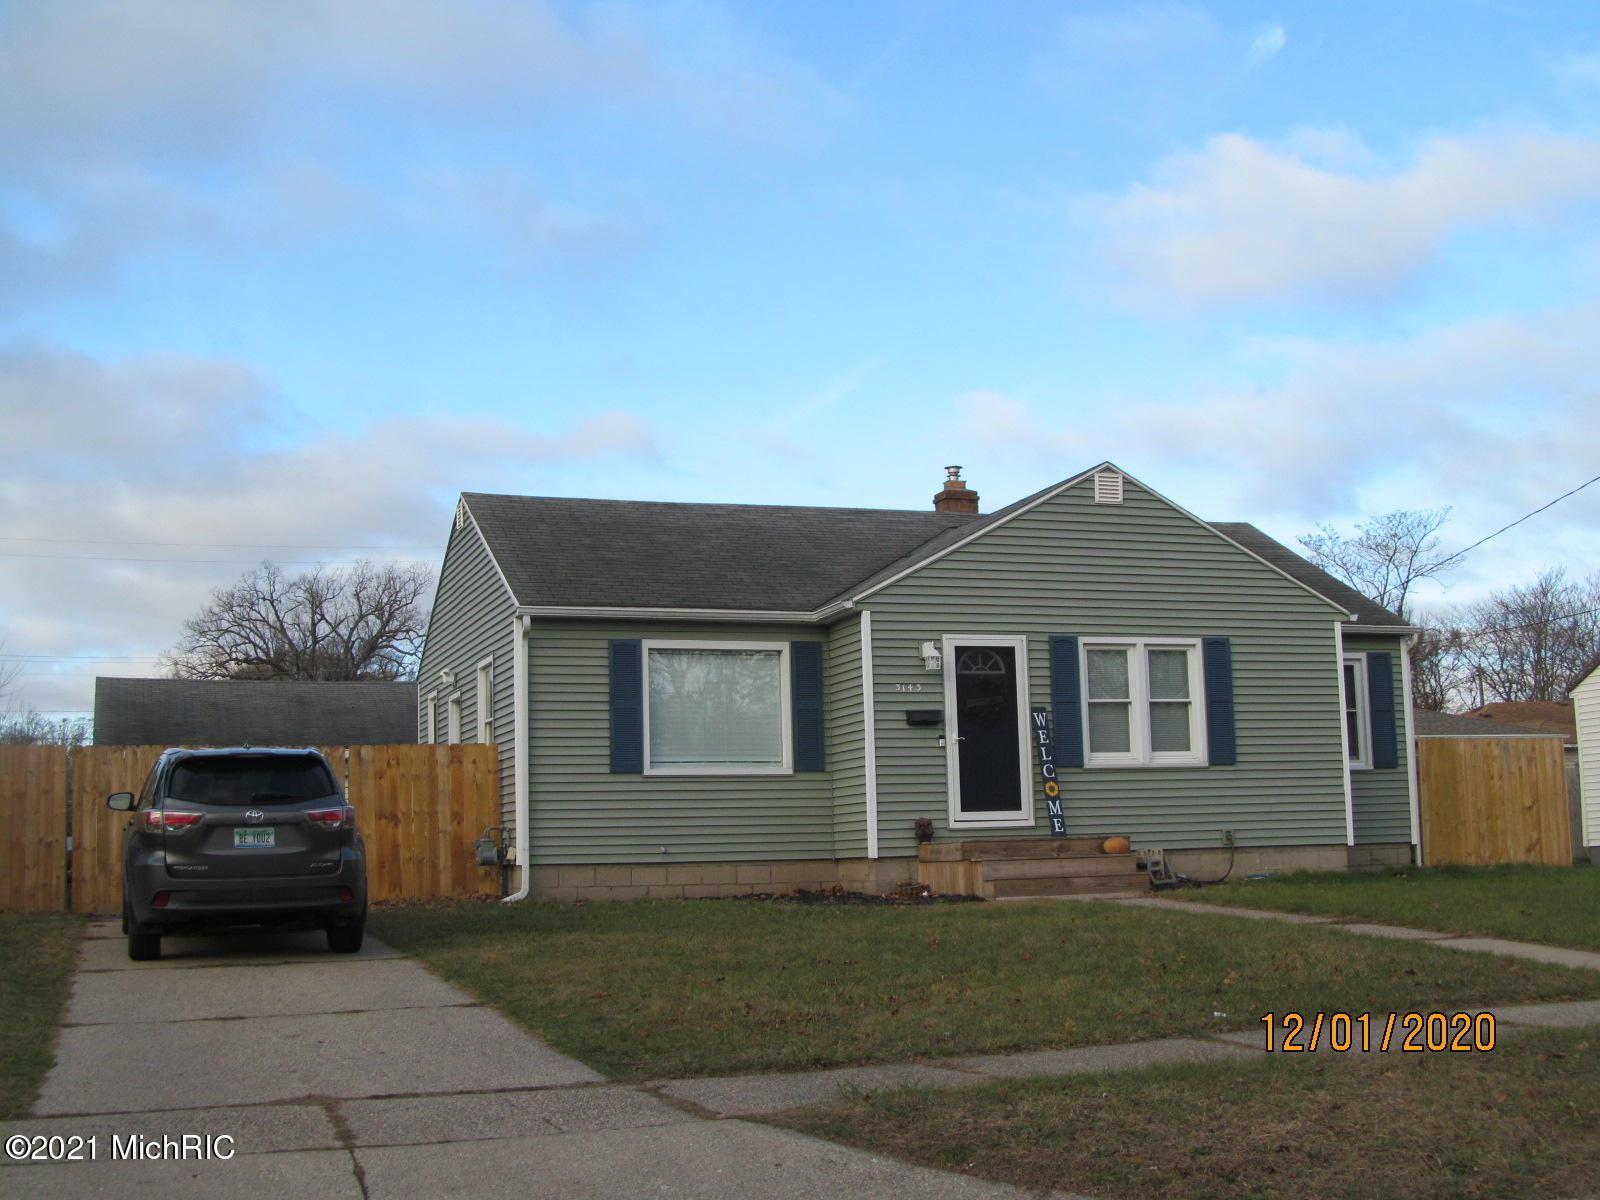 3143 Woodward Avenue SW, Wyoming, MI 49509 - MLS#: 21002186